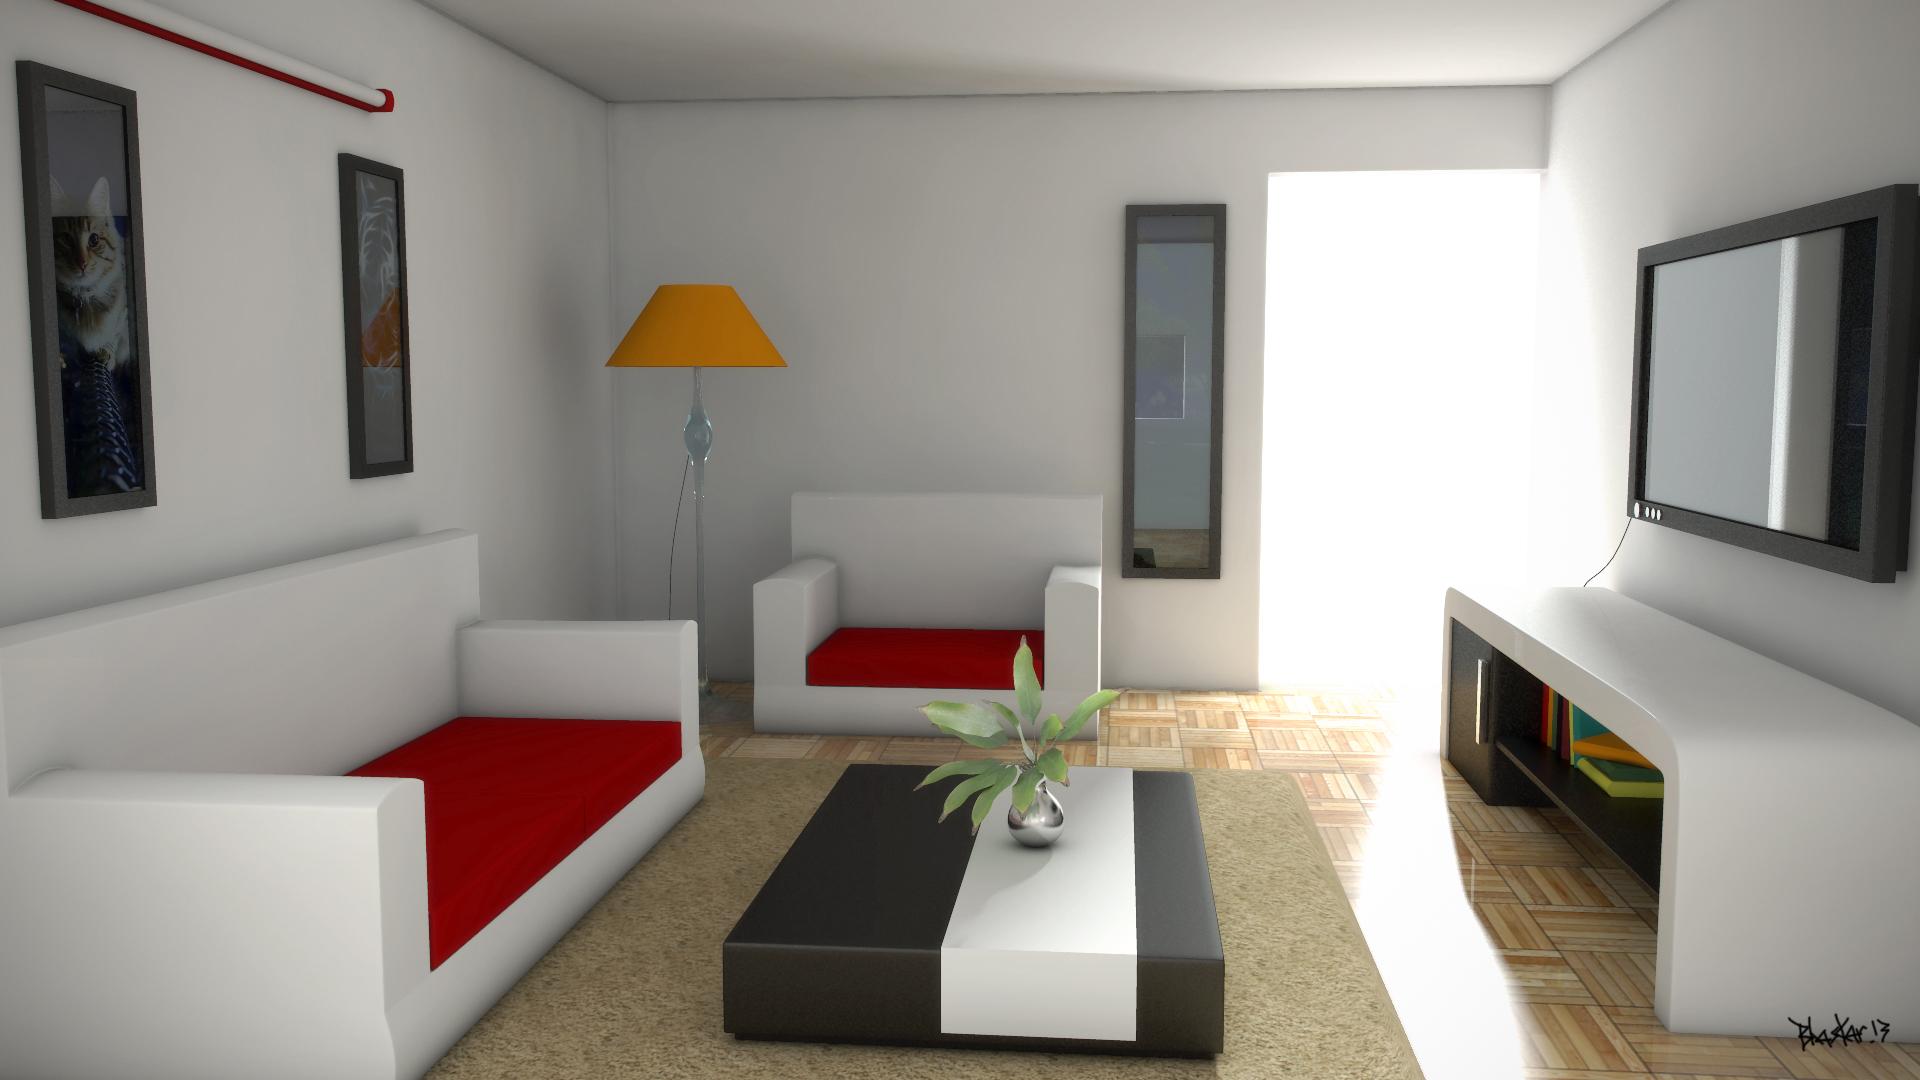 Interior 02 by bhaskar655